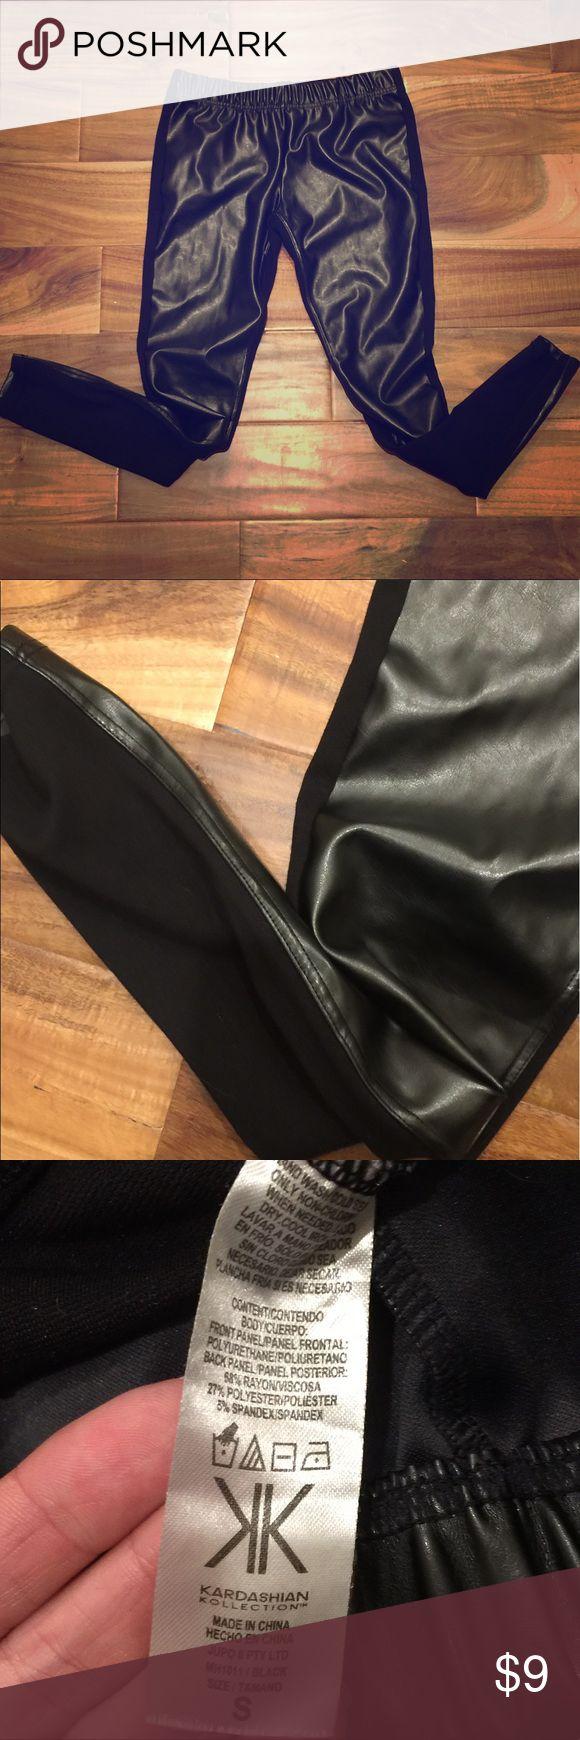 Kardashian Kollection black faux leather leggings Kardashian Kollection black faux leather leggings. Super cute, very comfy in EUC. Kardashian Kollection Pants Leggings